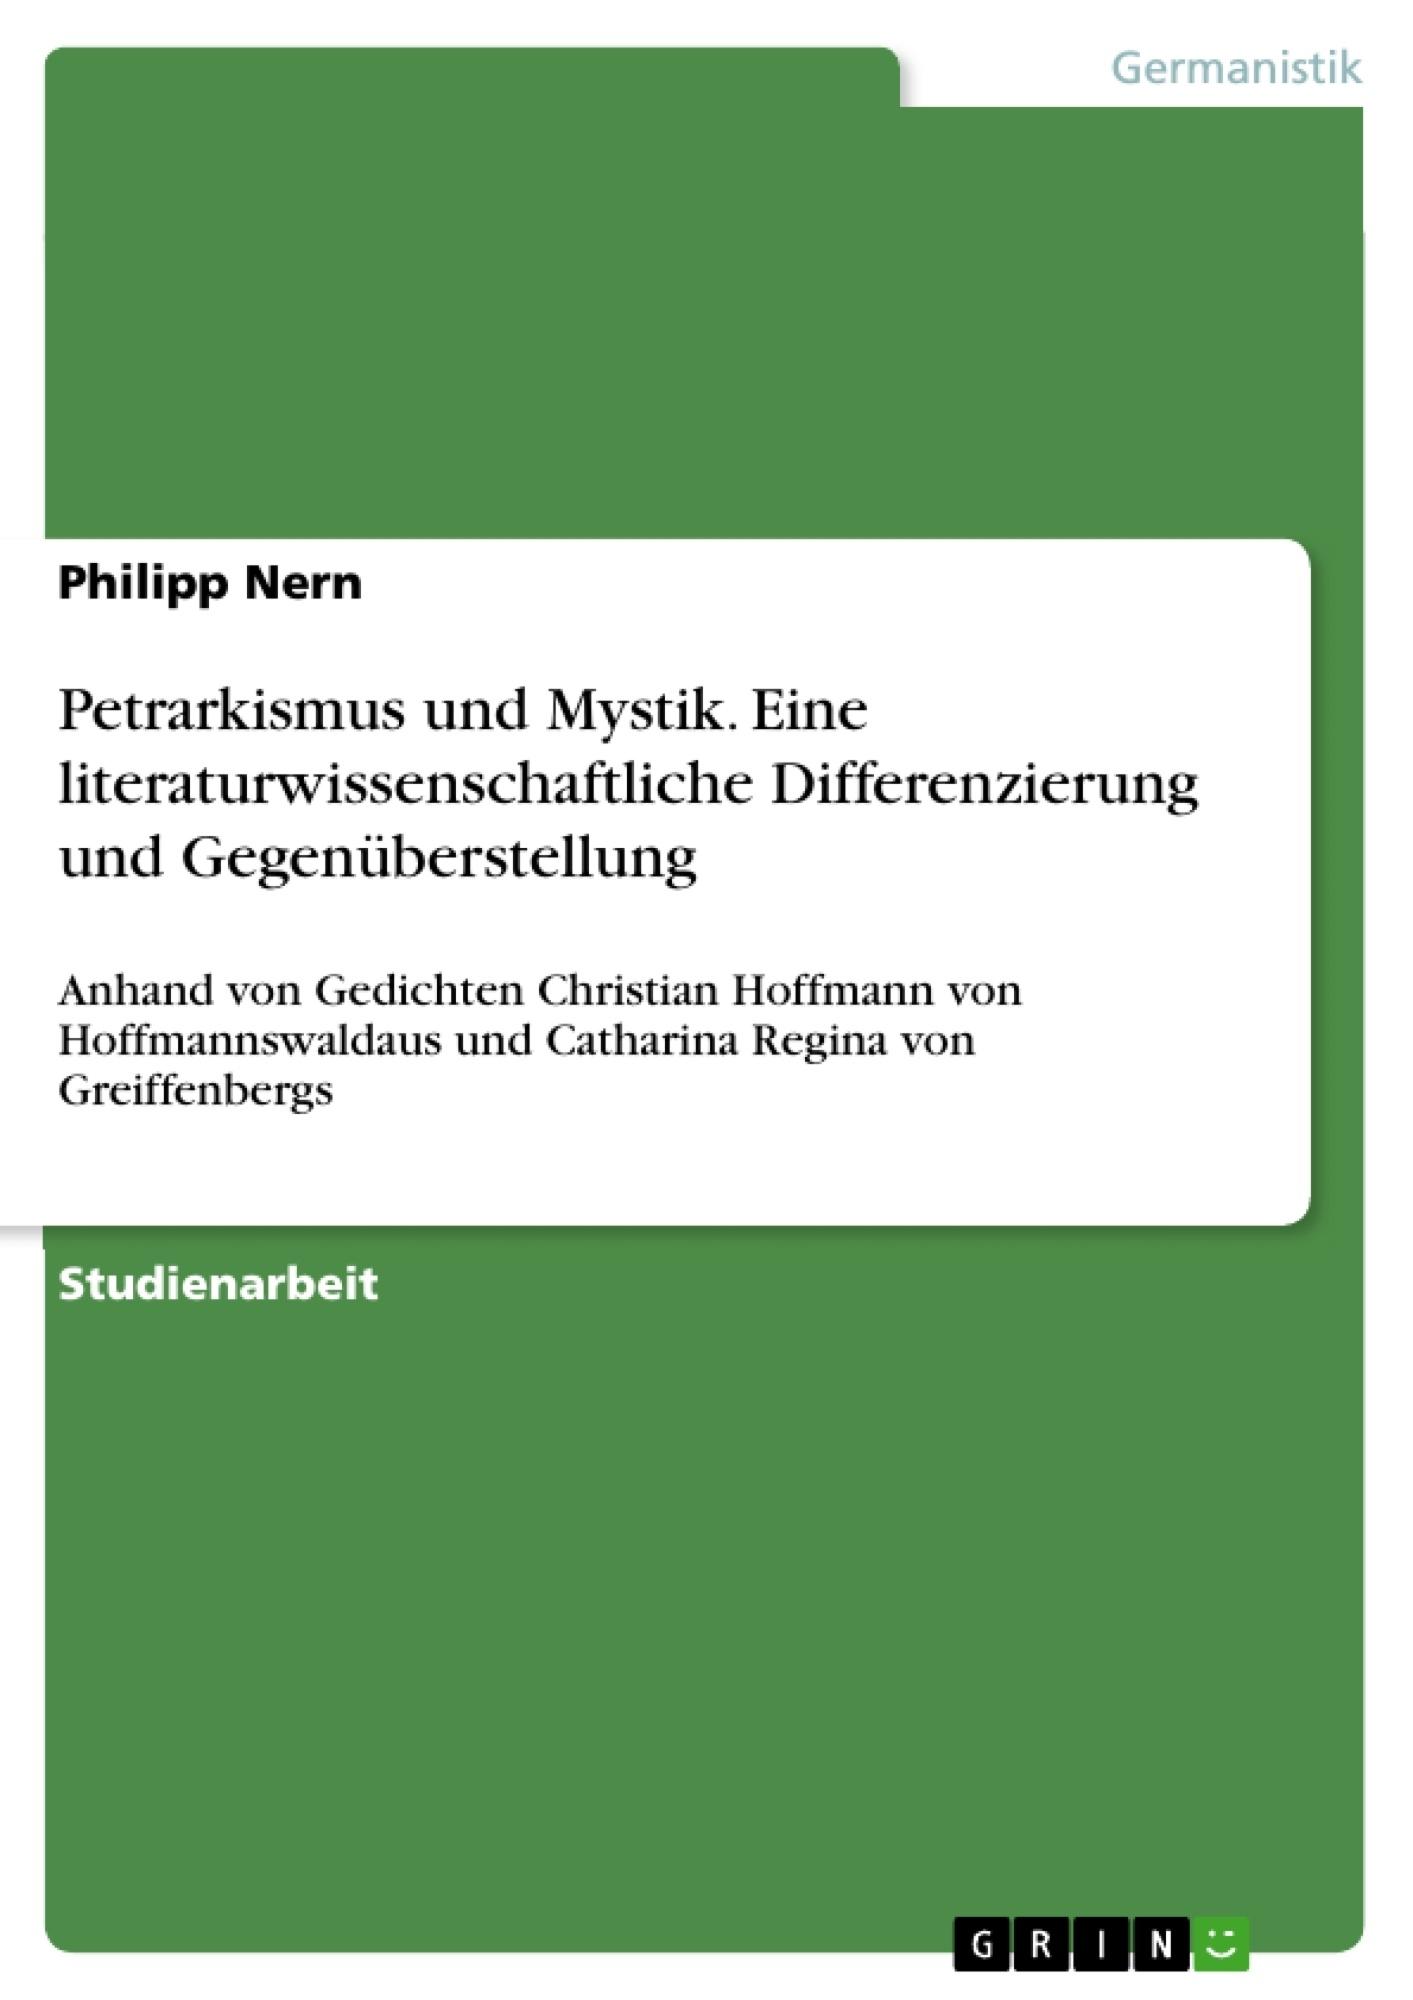 Titel: Petrarkismus und Mystik. Eine literaturwissenschaftliche Differenzierung und Gegenüberstellung